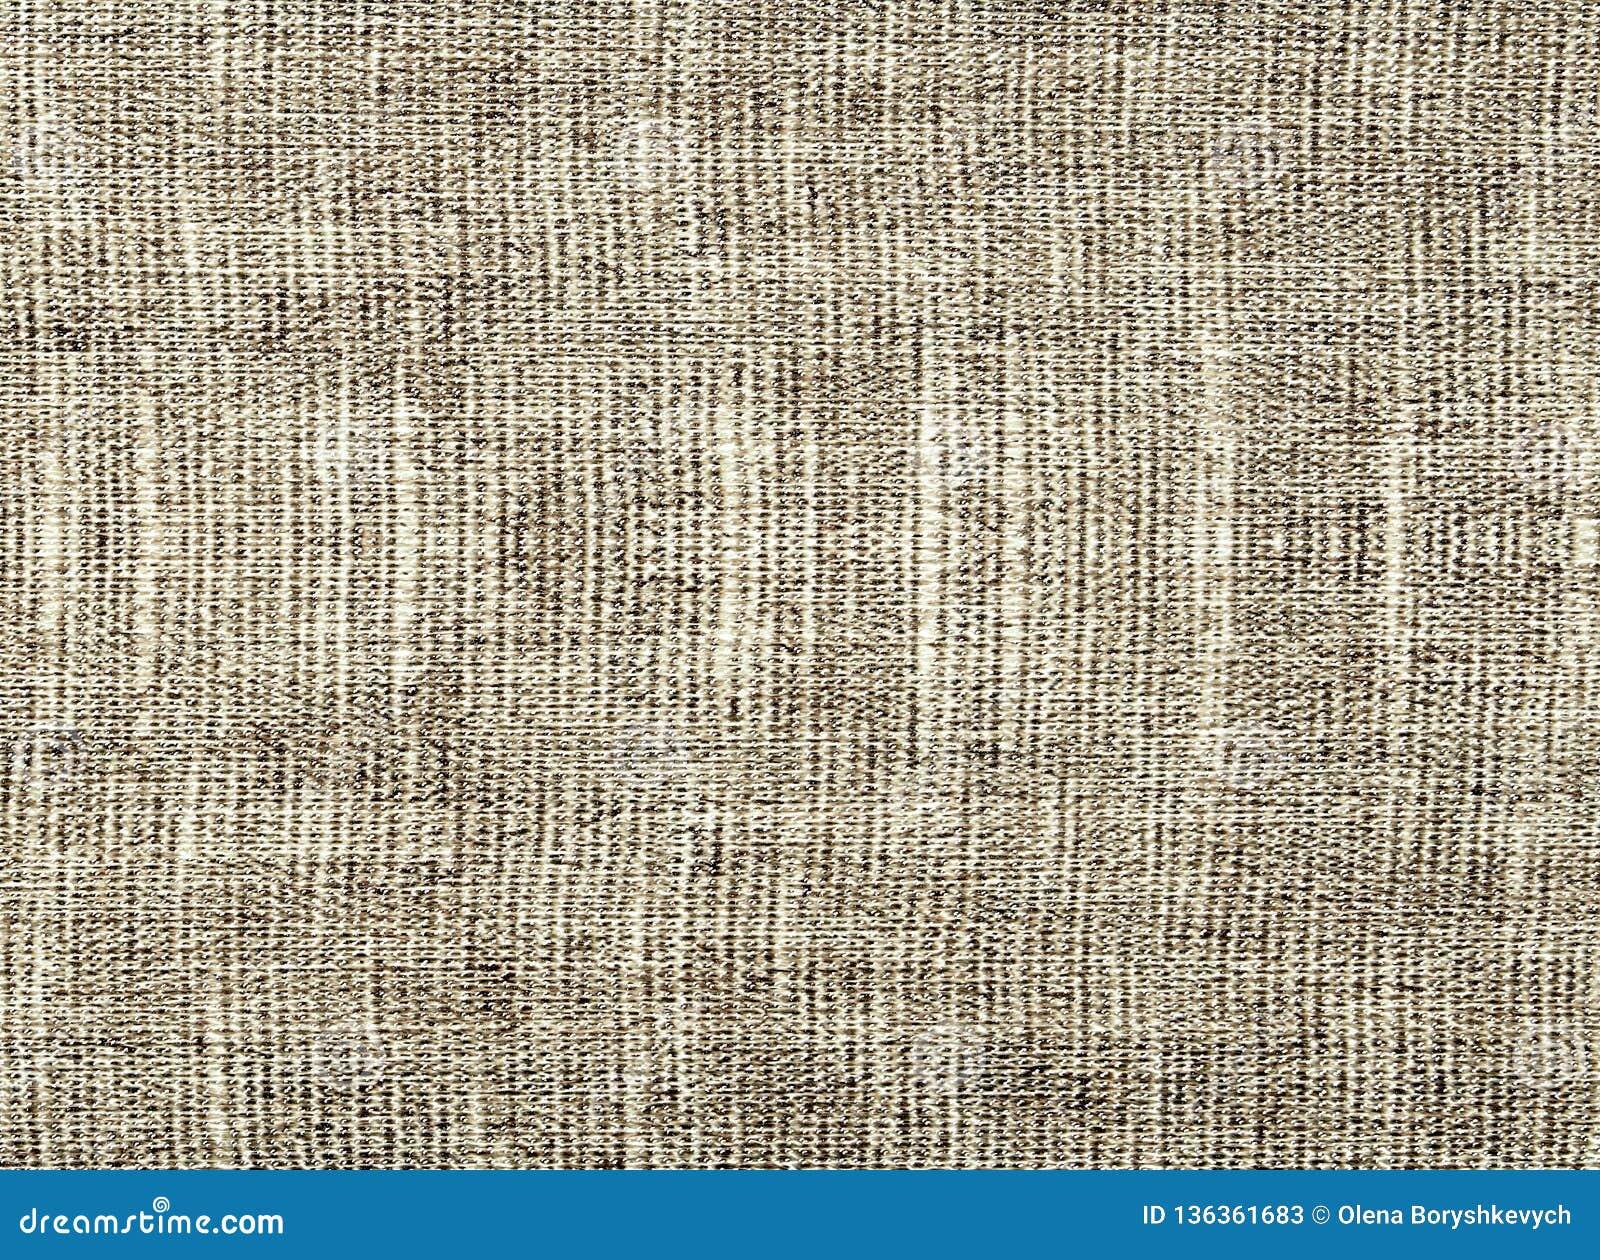 El fondo de la tela natural beige texturizada